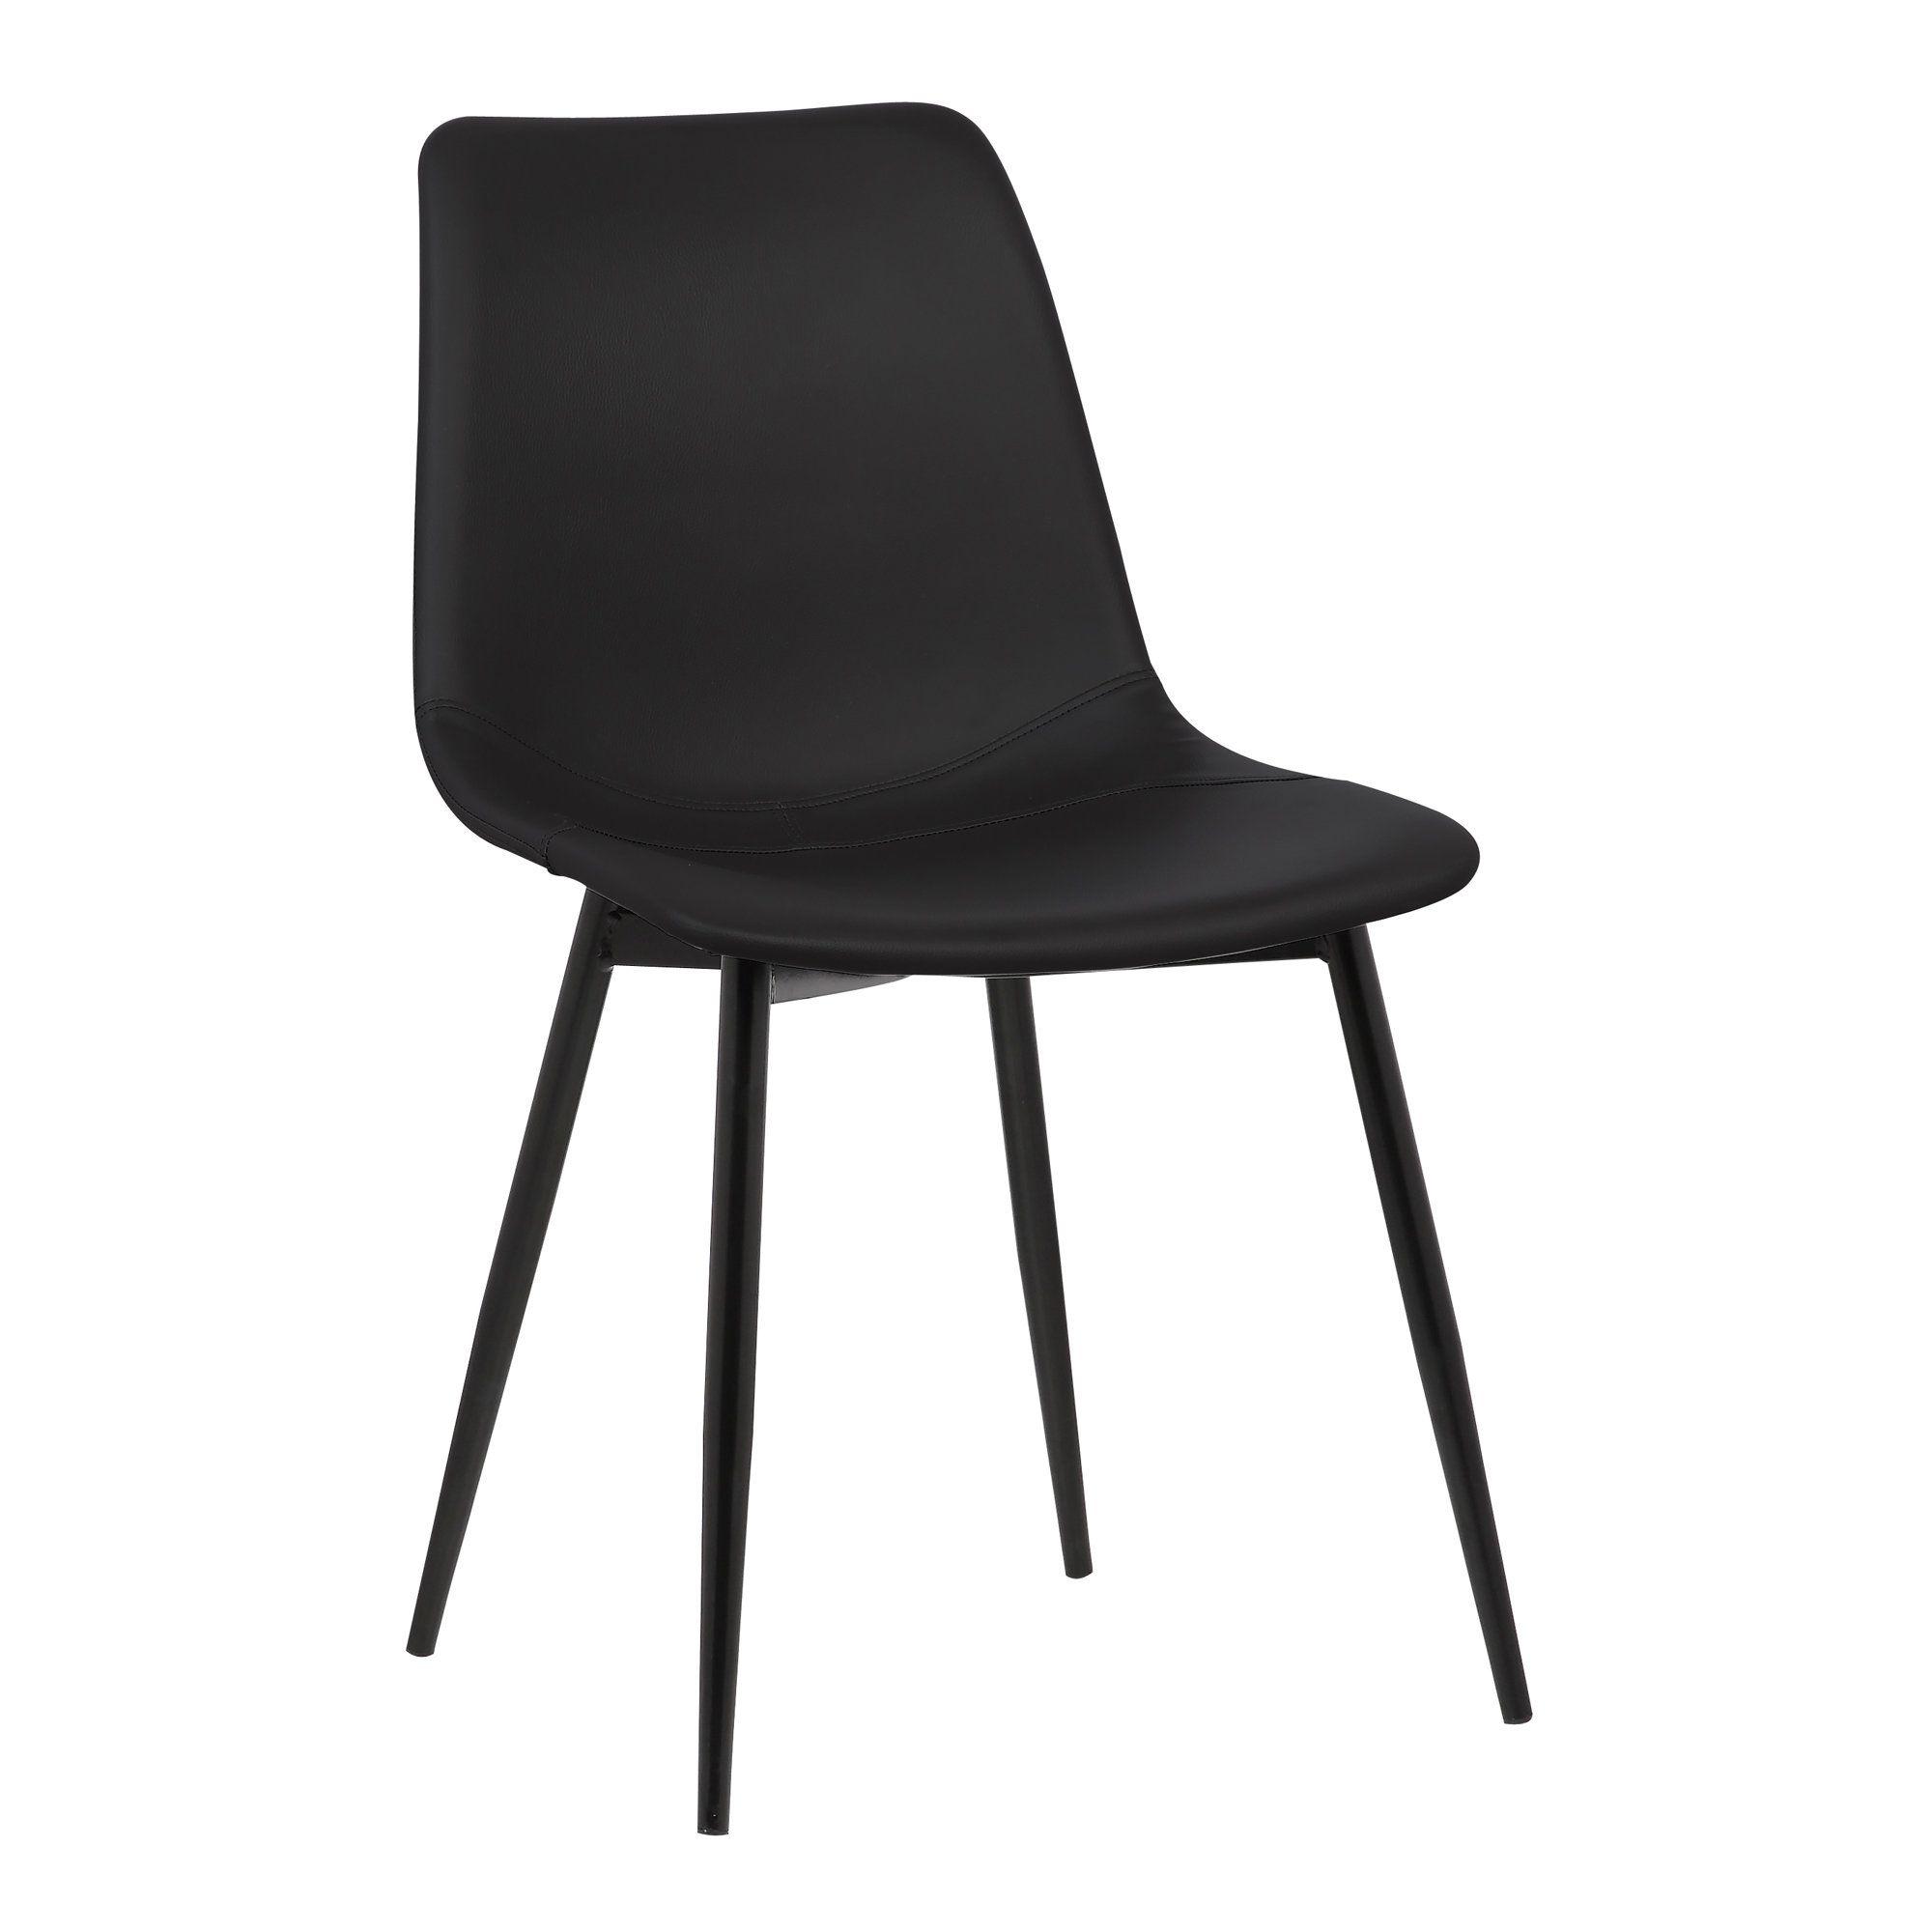 Bixler Contemporary Side Chair